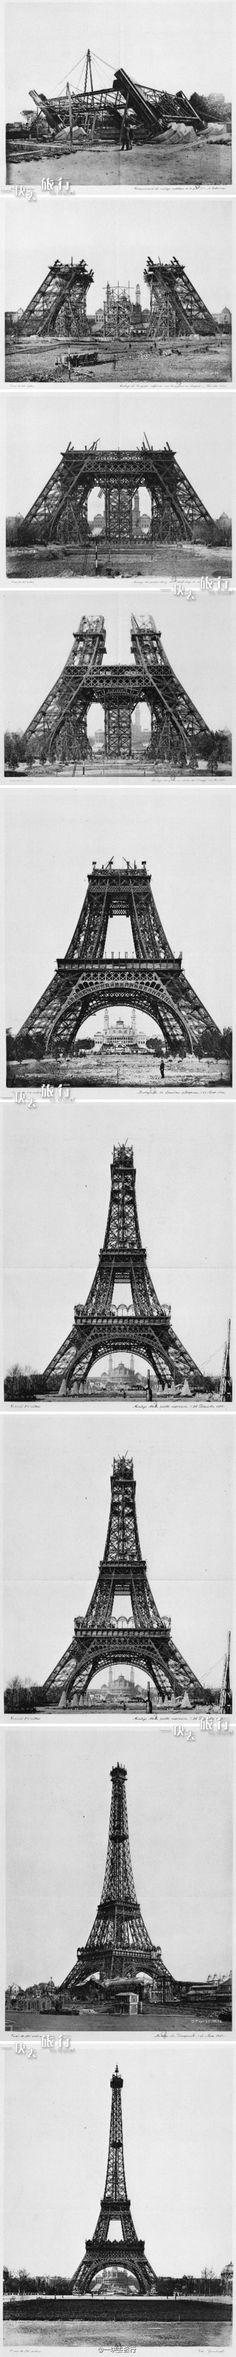 Eiffel faisait construire sa Tour pour l'Exposition Universelle de 1900, un défi…